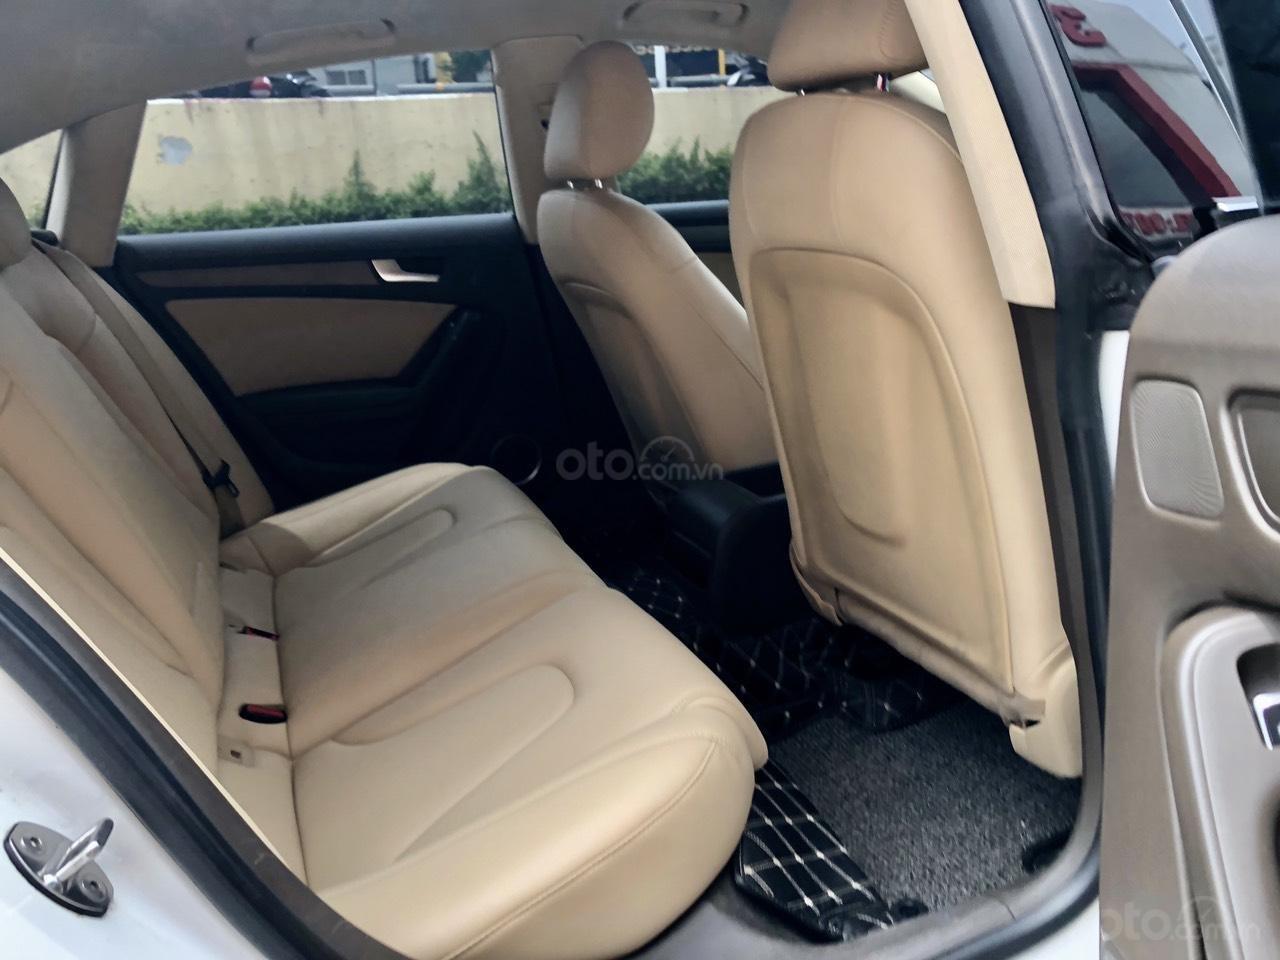 Cần bán lại xe Audi A5 năm 2012, giá tốt (11)